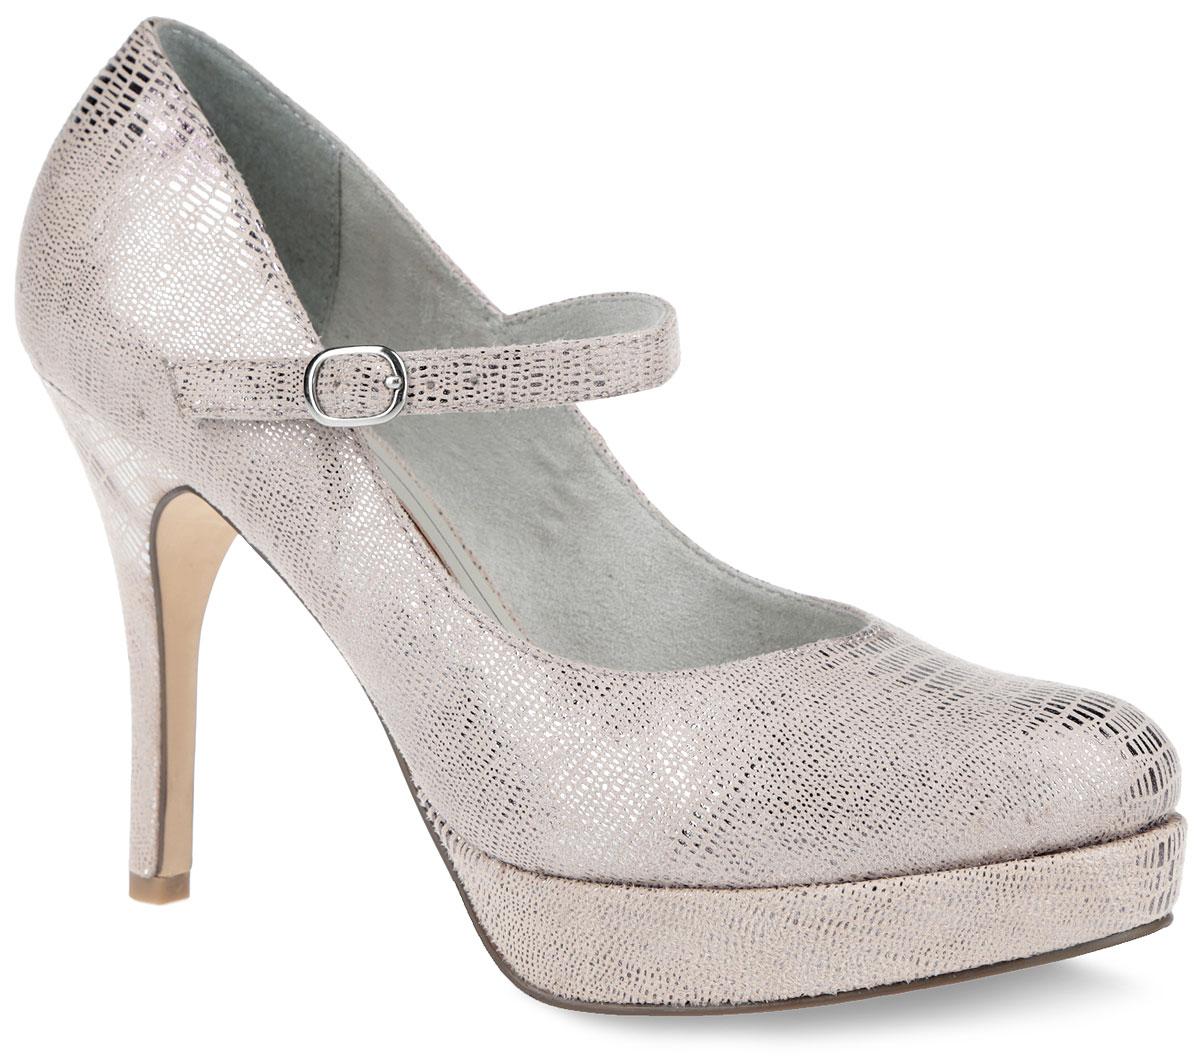 Туфли женские. 1-1-24409-26-5791-1-24409-26-579Восхитительные туфли от Tamaris не оставят вас равнодушной. Модель выполнена из текстиля, оформленного лазерной обработкой. Ремешок с закругленной металлической пряжкой отвечает за надежную фиксацию модели на ноге. Подкладка, изготовленная из текстиля, и стелька из искусственной кожи обеспечивают максимальный комфорт при движении. Ультравысокий каблук-шпилька компенсирован платформой. Закругленный носок добавит женственности в ваш образ. Подошва оснащена рифлением для лучшей сцепки с поверхностью. Изысканные туфли добавят шика в модный образ и подчеркнут ваш безупречный вкус.